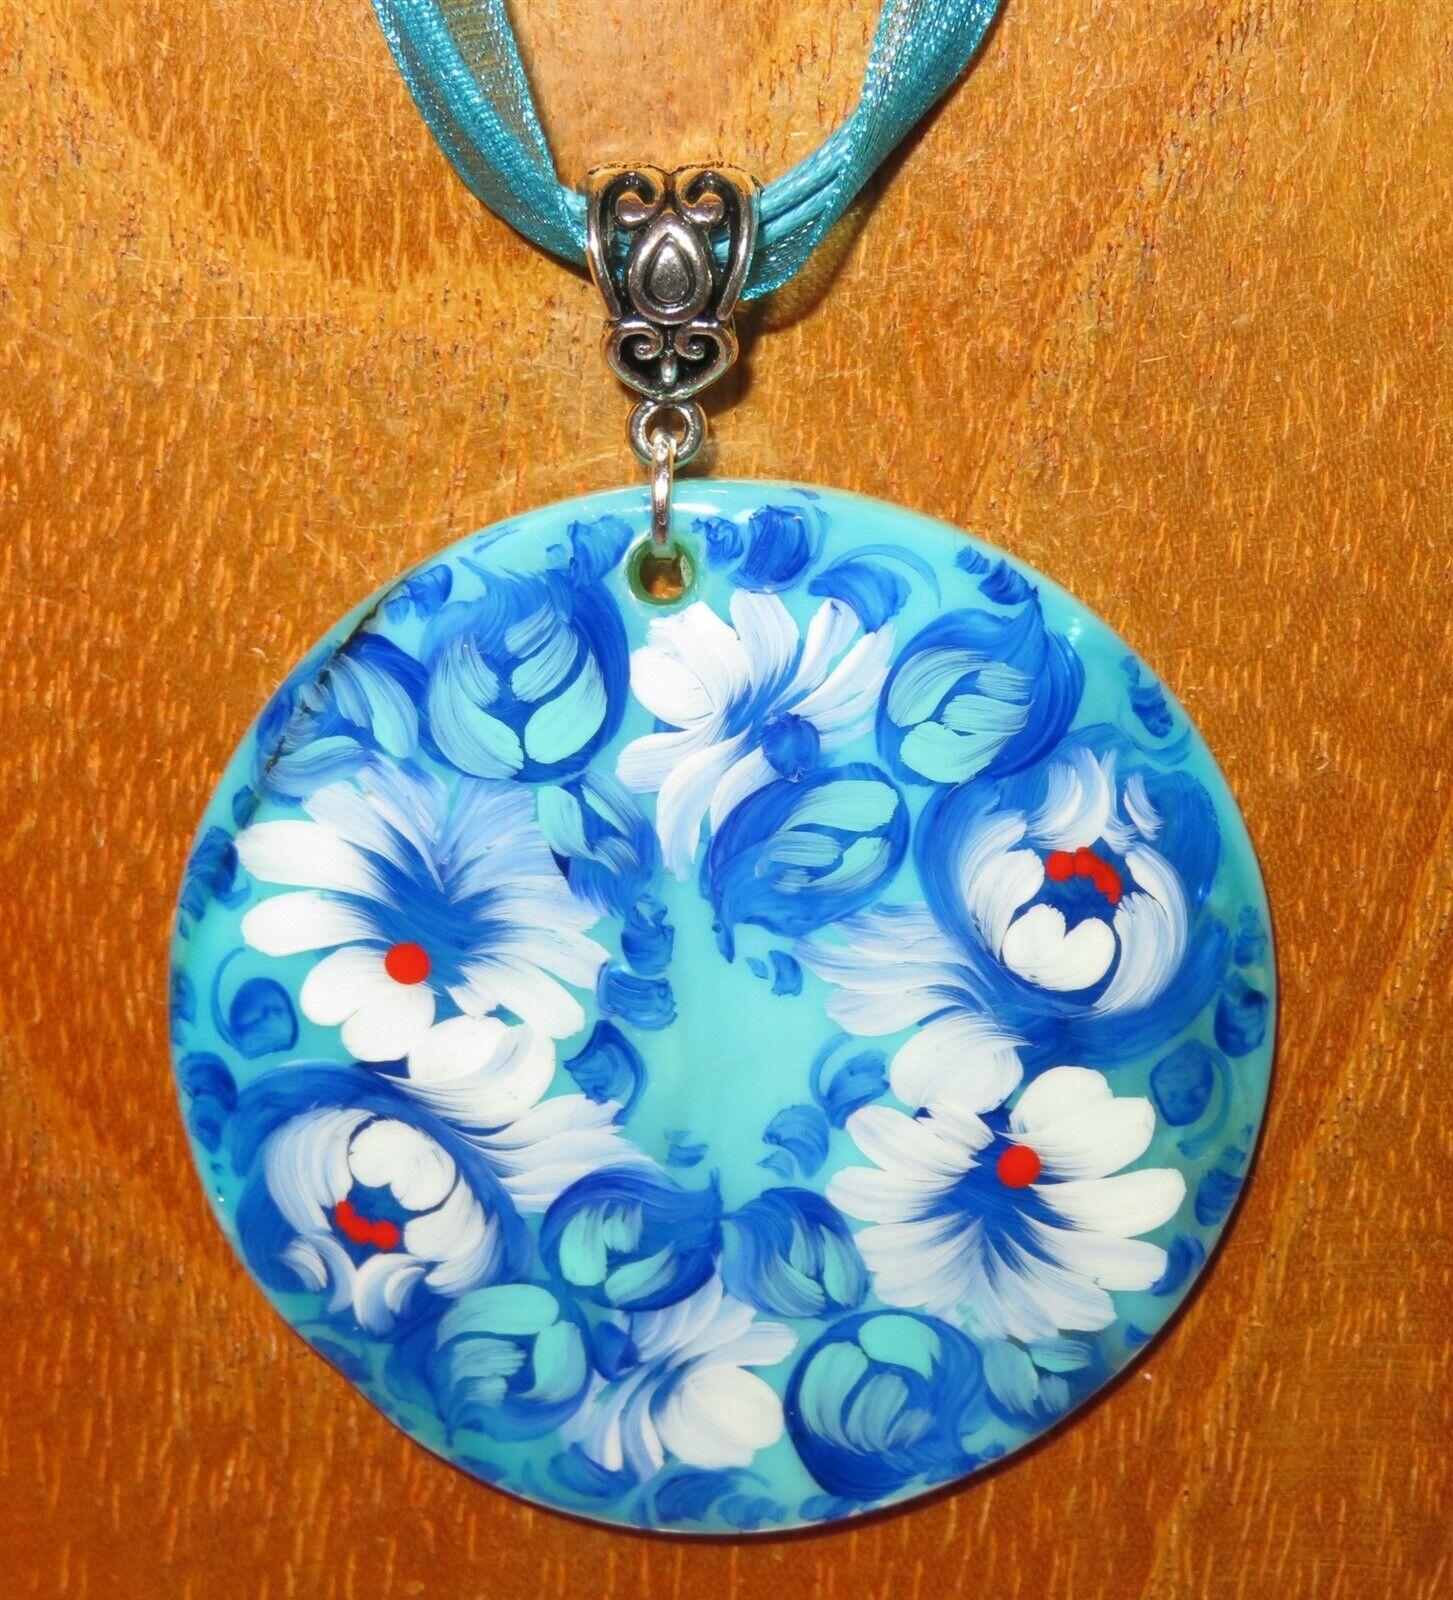 Anhänger Zhostovo Blüten blue & Weiss blueme Original Russisch Handbemalt Muschel